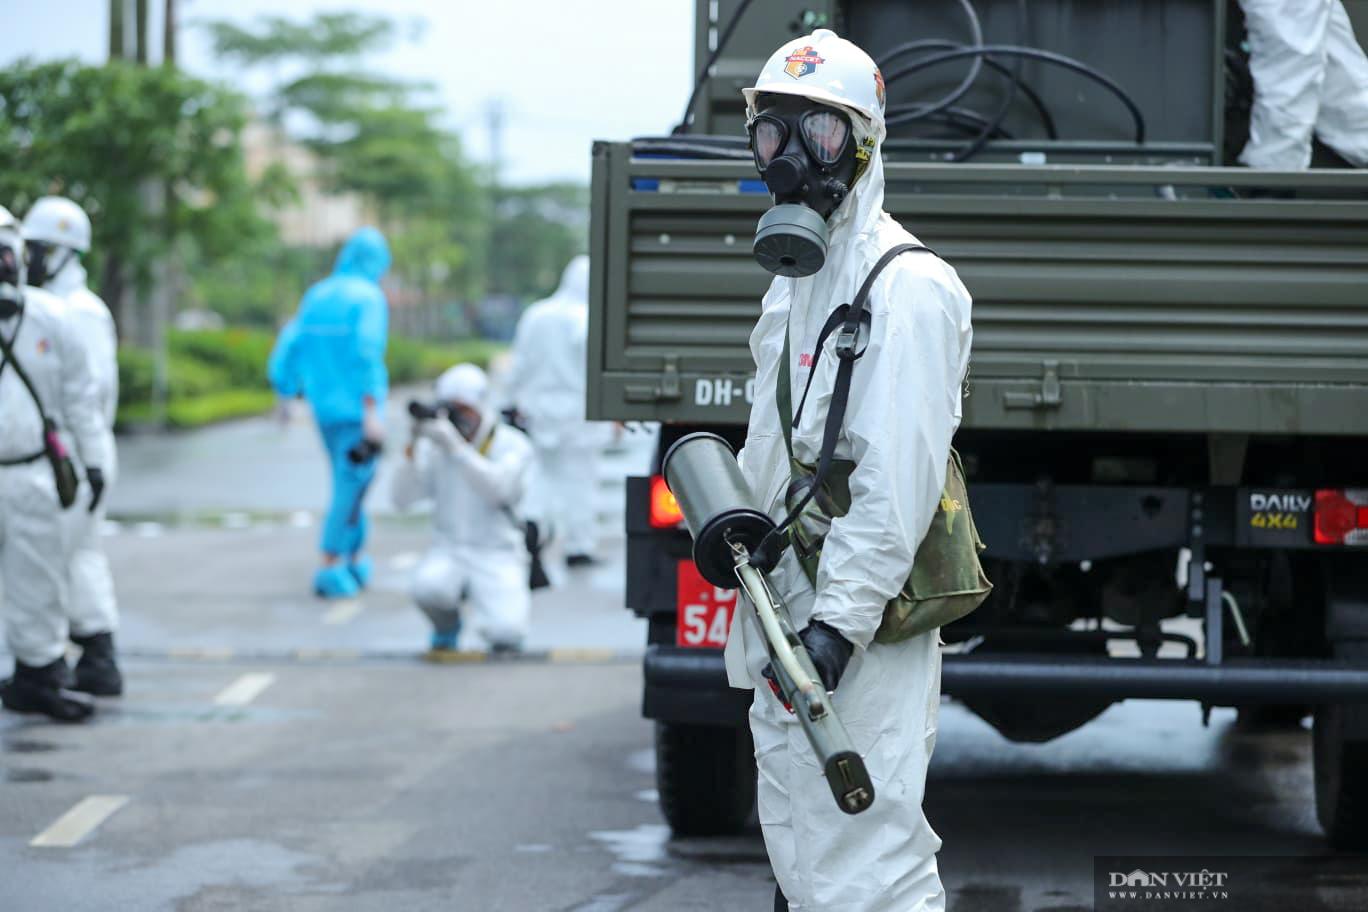 Hà Nội: khử khuẩn toàn bộ Bệnh viện Bệnh Nhiệt đới Trung ương cơ sở Đông Anh - Ảnh 10.